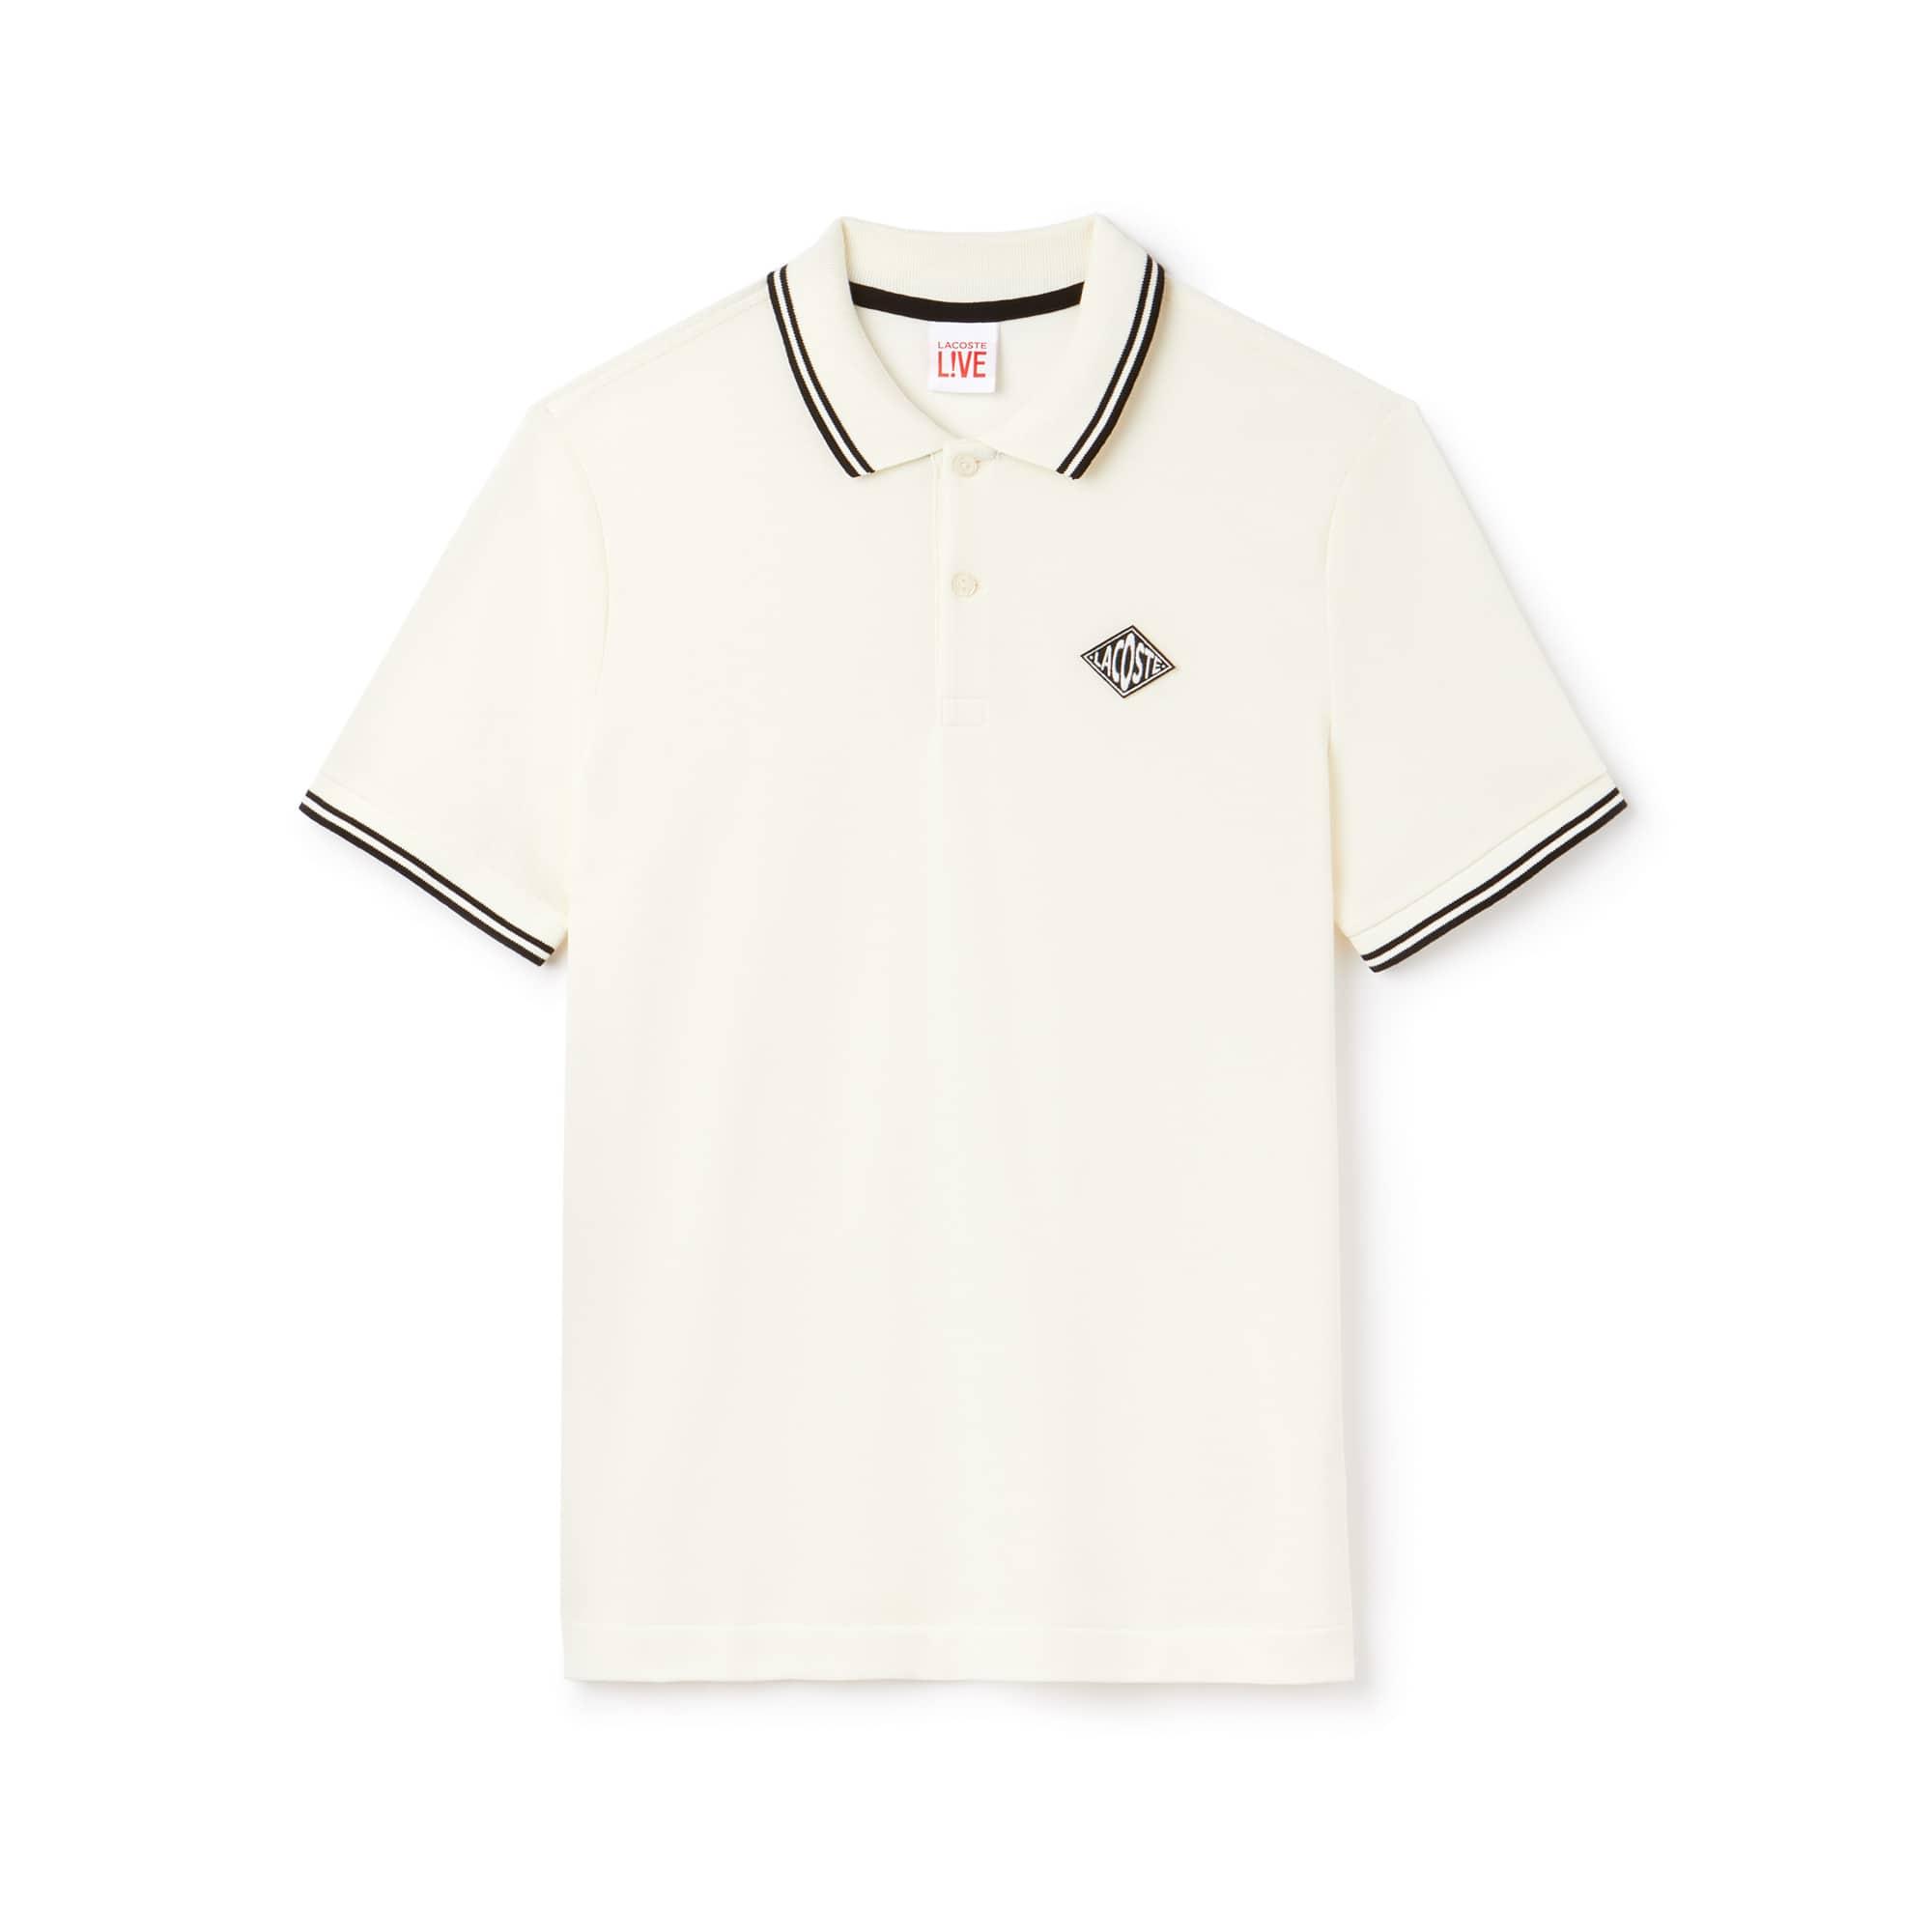 Herren LACOSTE L!VE Slim Fit Petit Piqué Poloshirt mit Aufnäher